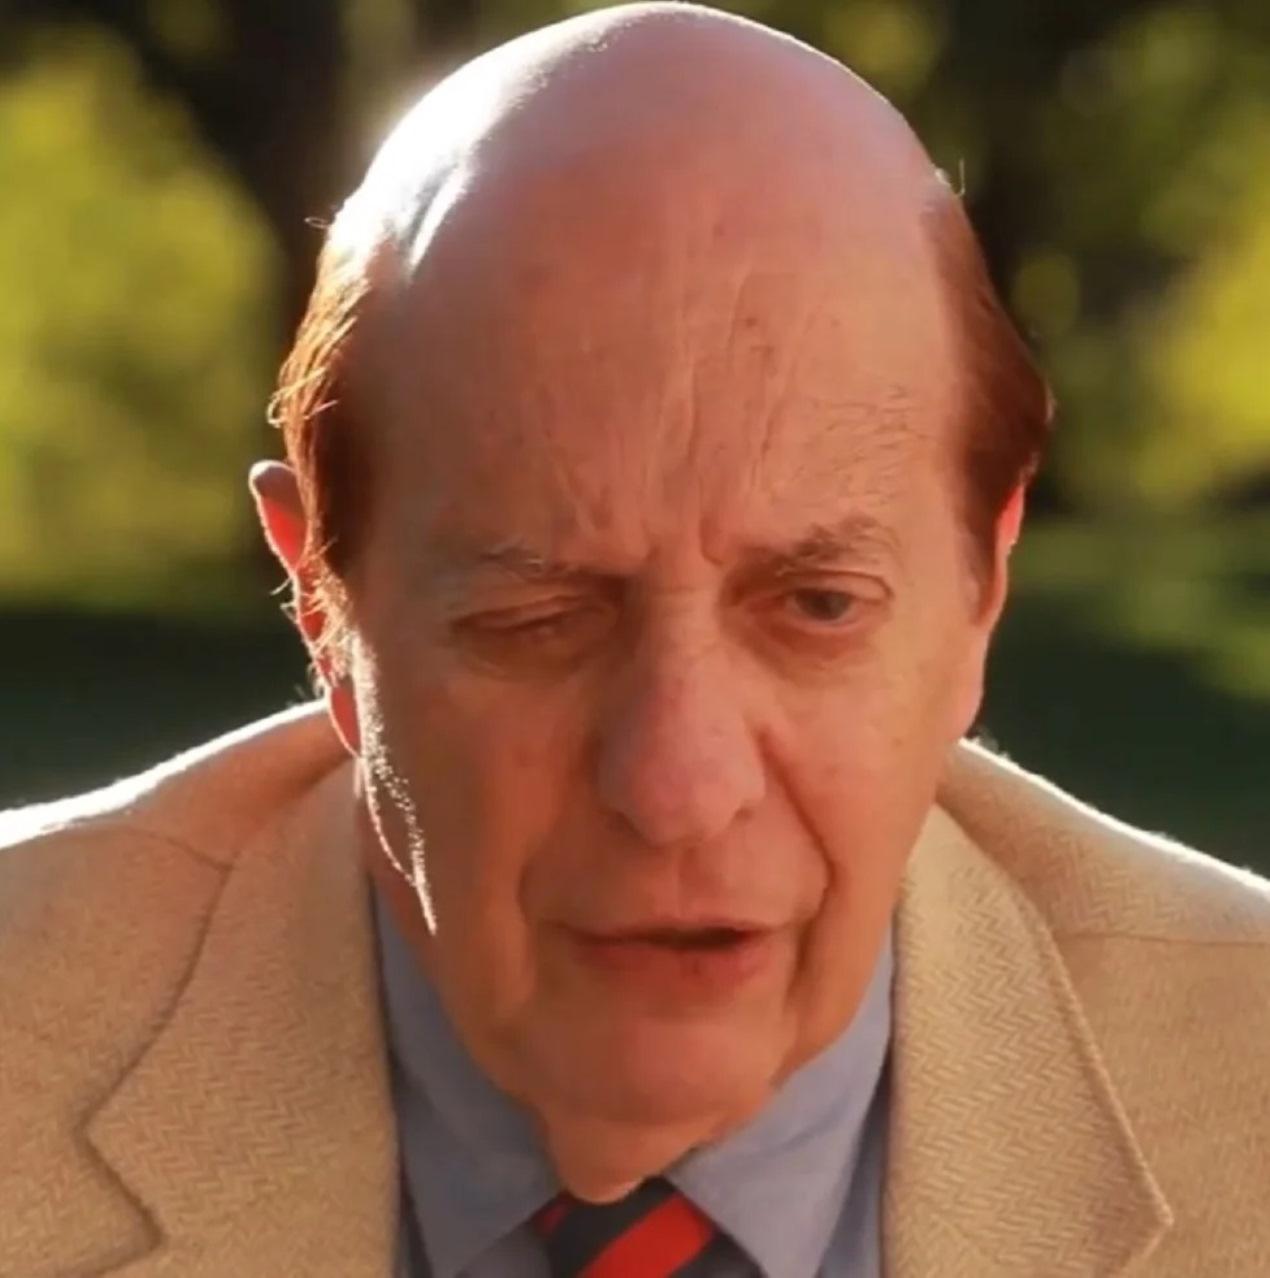 basil hoffman attore morto 83 anni